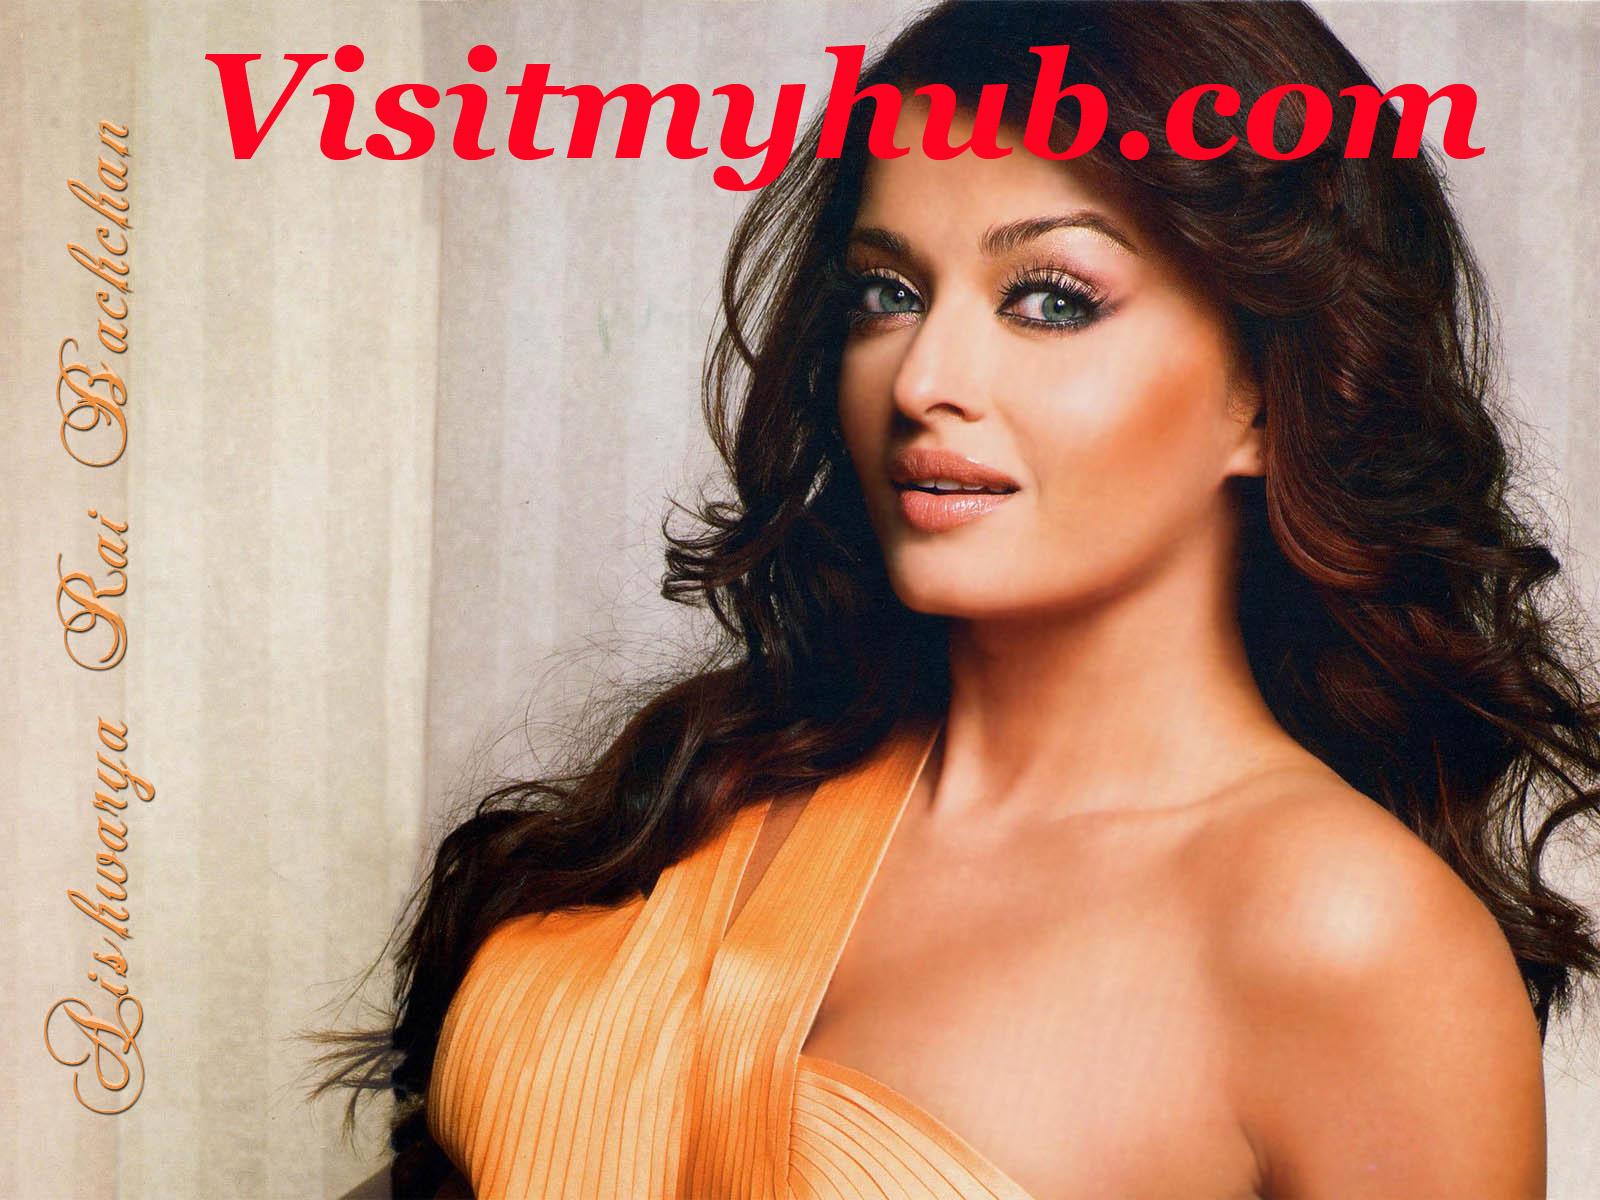 http://4.bp.blogspot.com/-6c0MB4g8cJc/Teh-YluHR7I/AAAAAAAABBs/hJK9KtuO5sQ/s1600/Aishwarya+Rai+in+Pink+saree+Photos.jpg